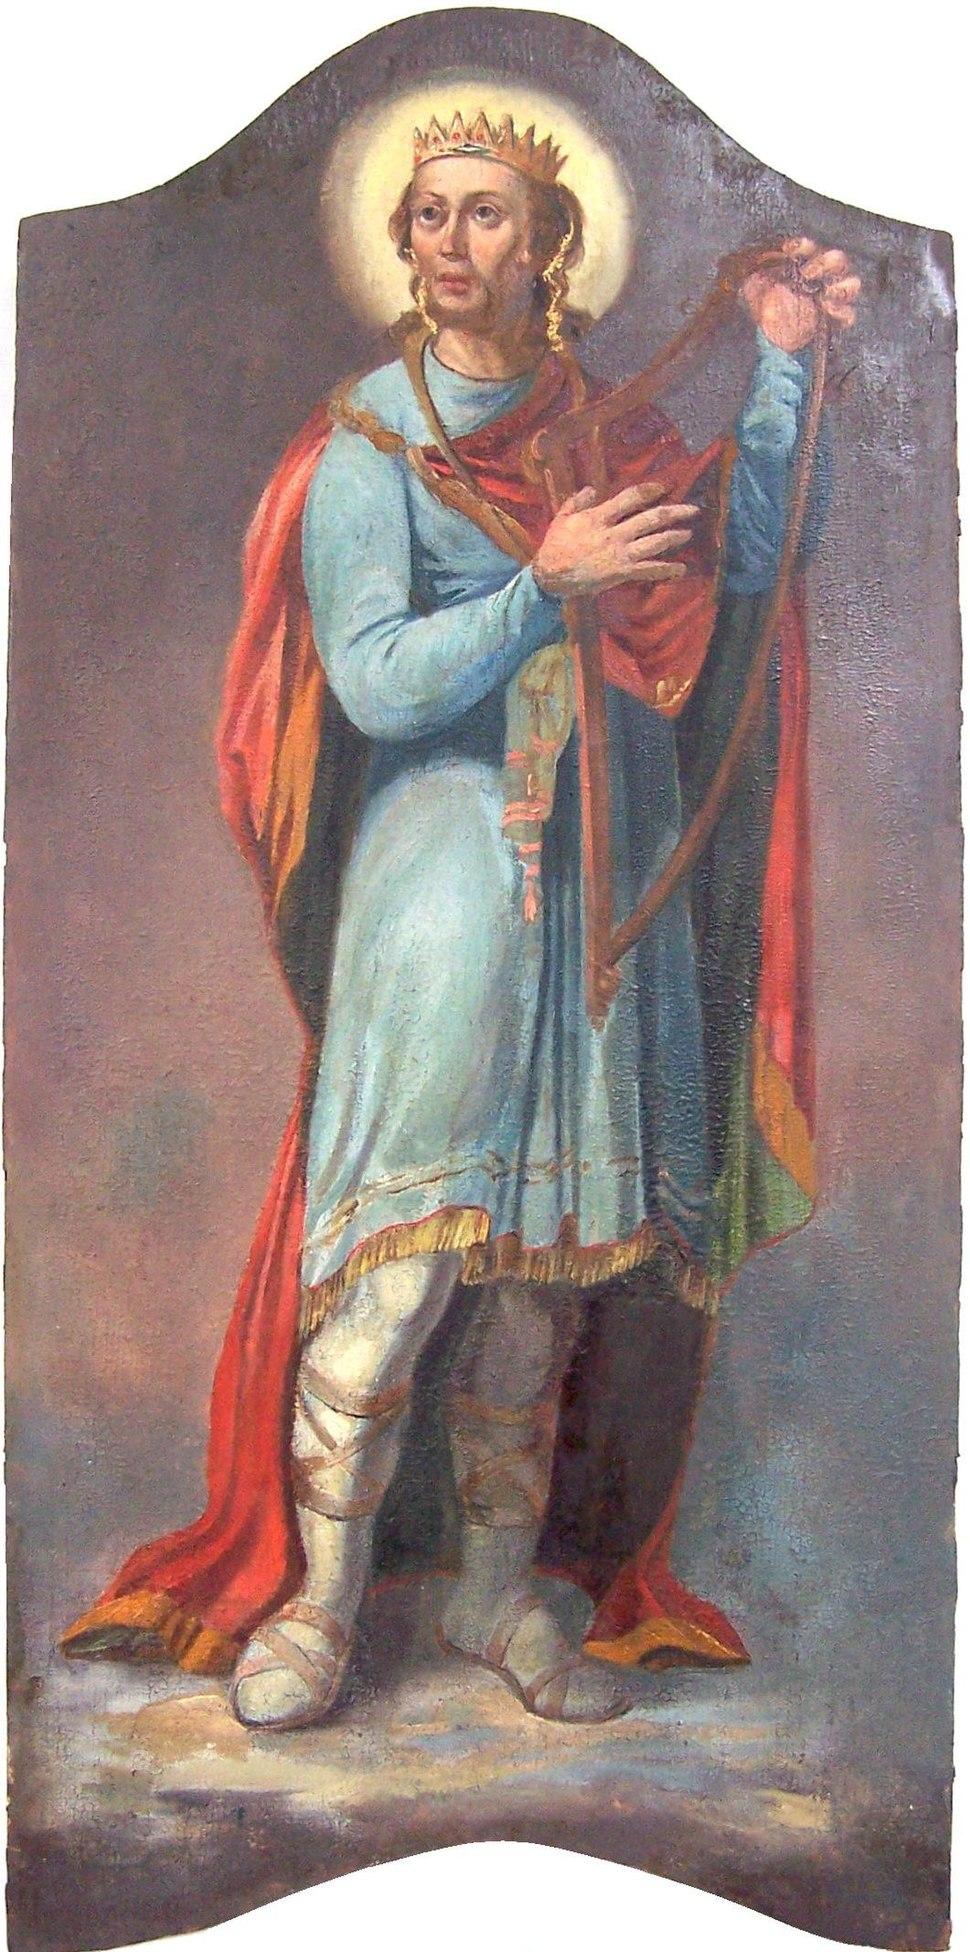 King David Hajdudorog